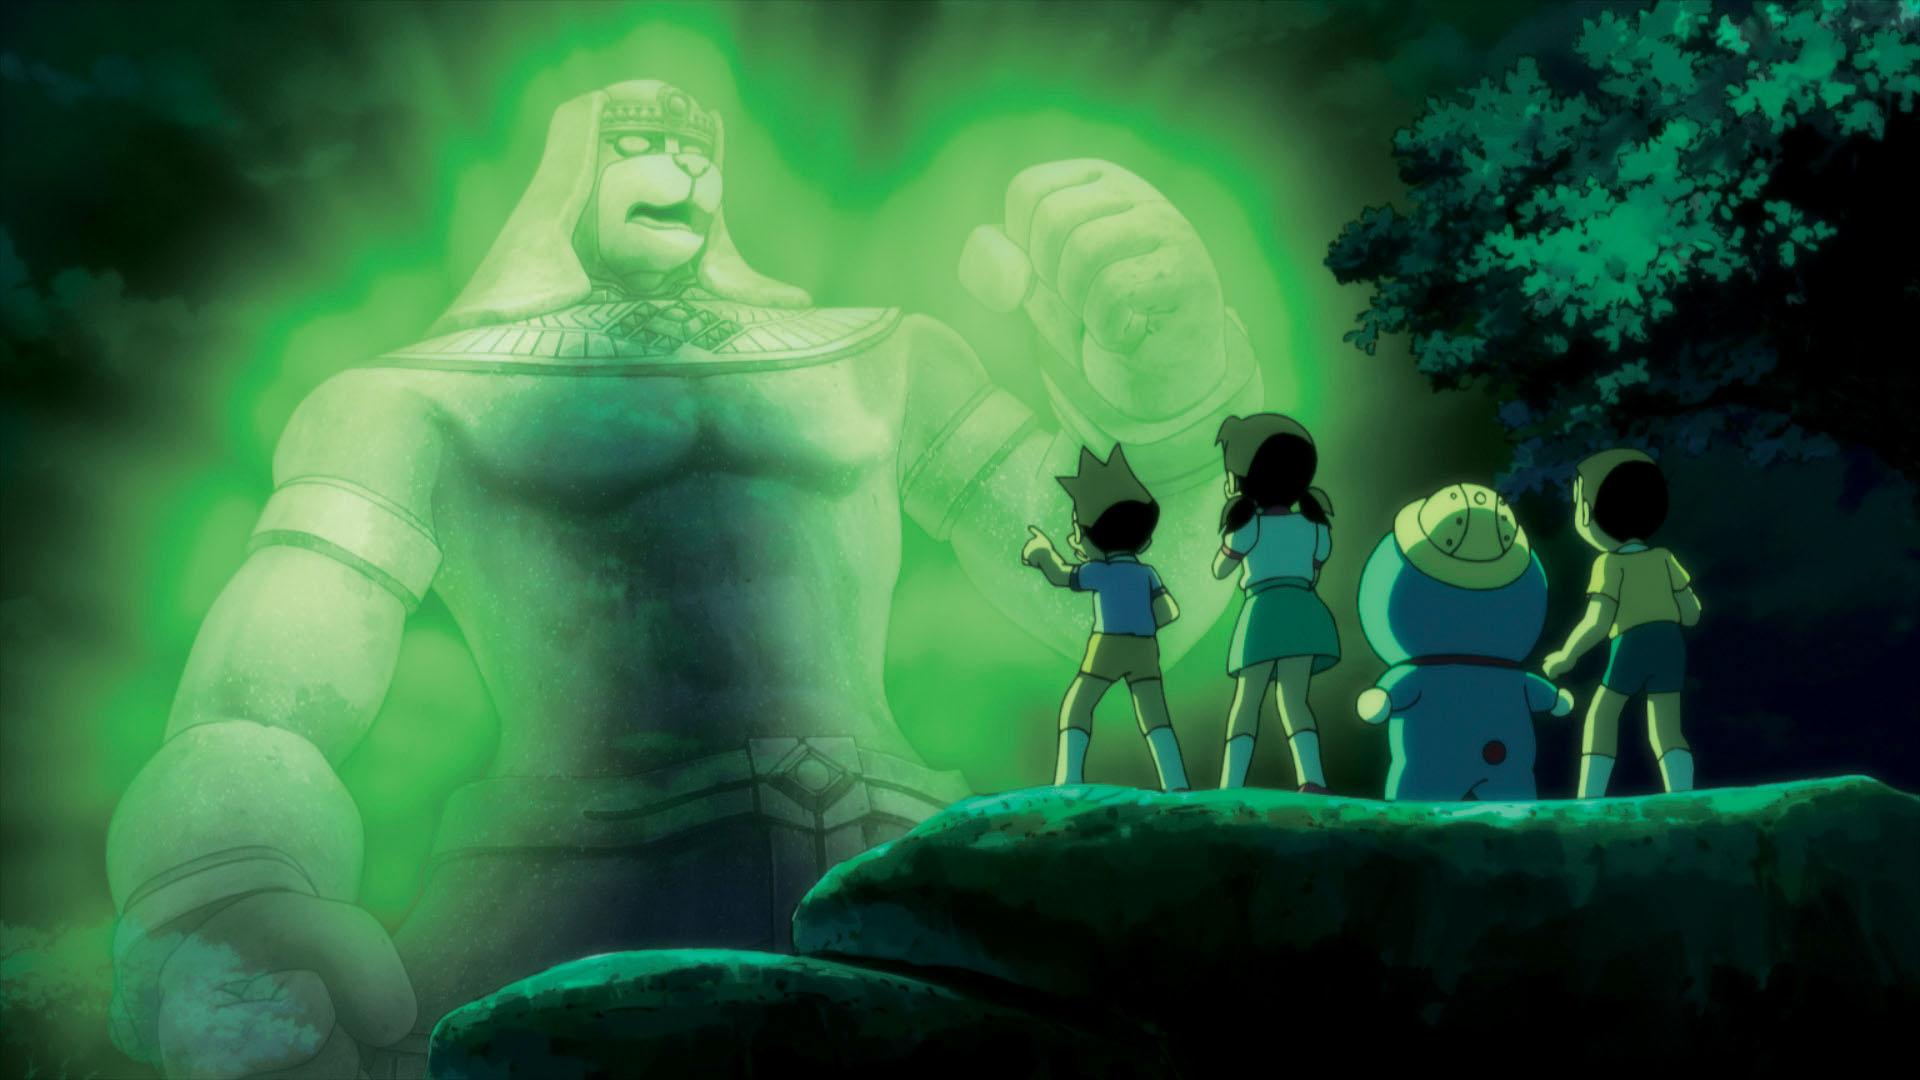 Doraemon Il Film - Le Avventure di Nobita e dei Cinque Esploratori: un'immagine dal film d'animazione